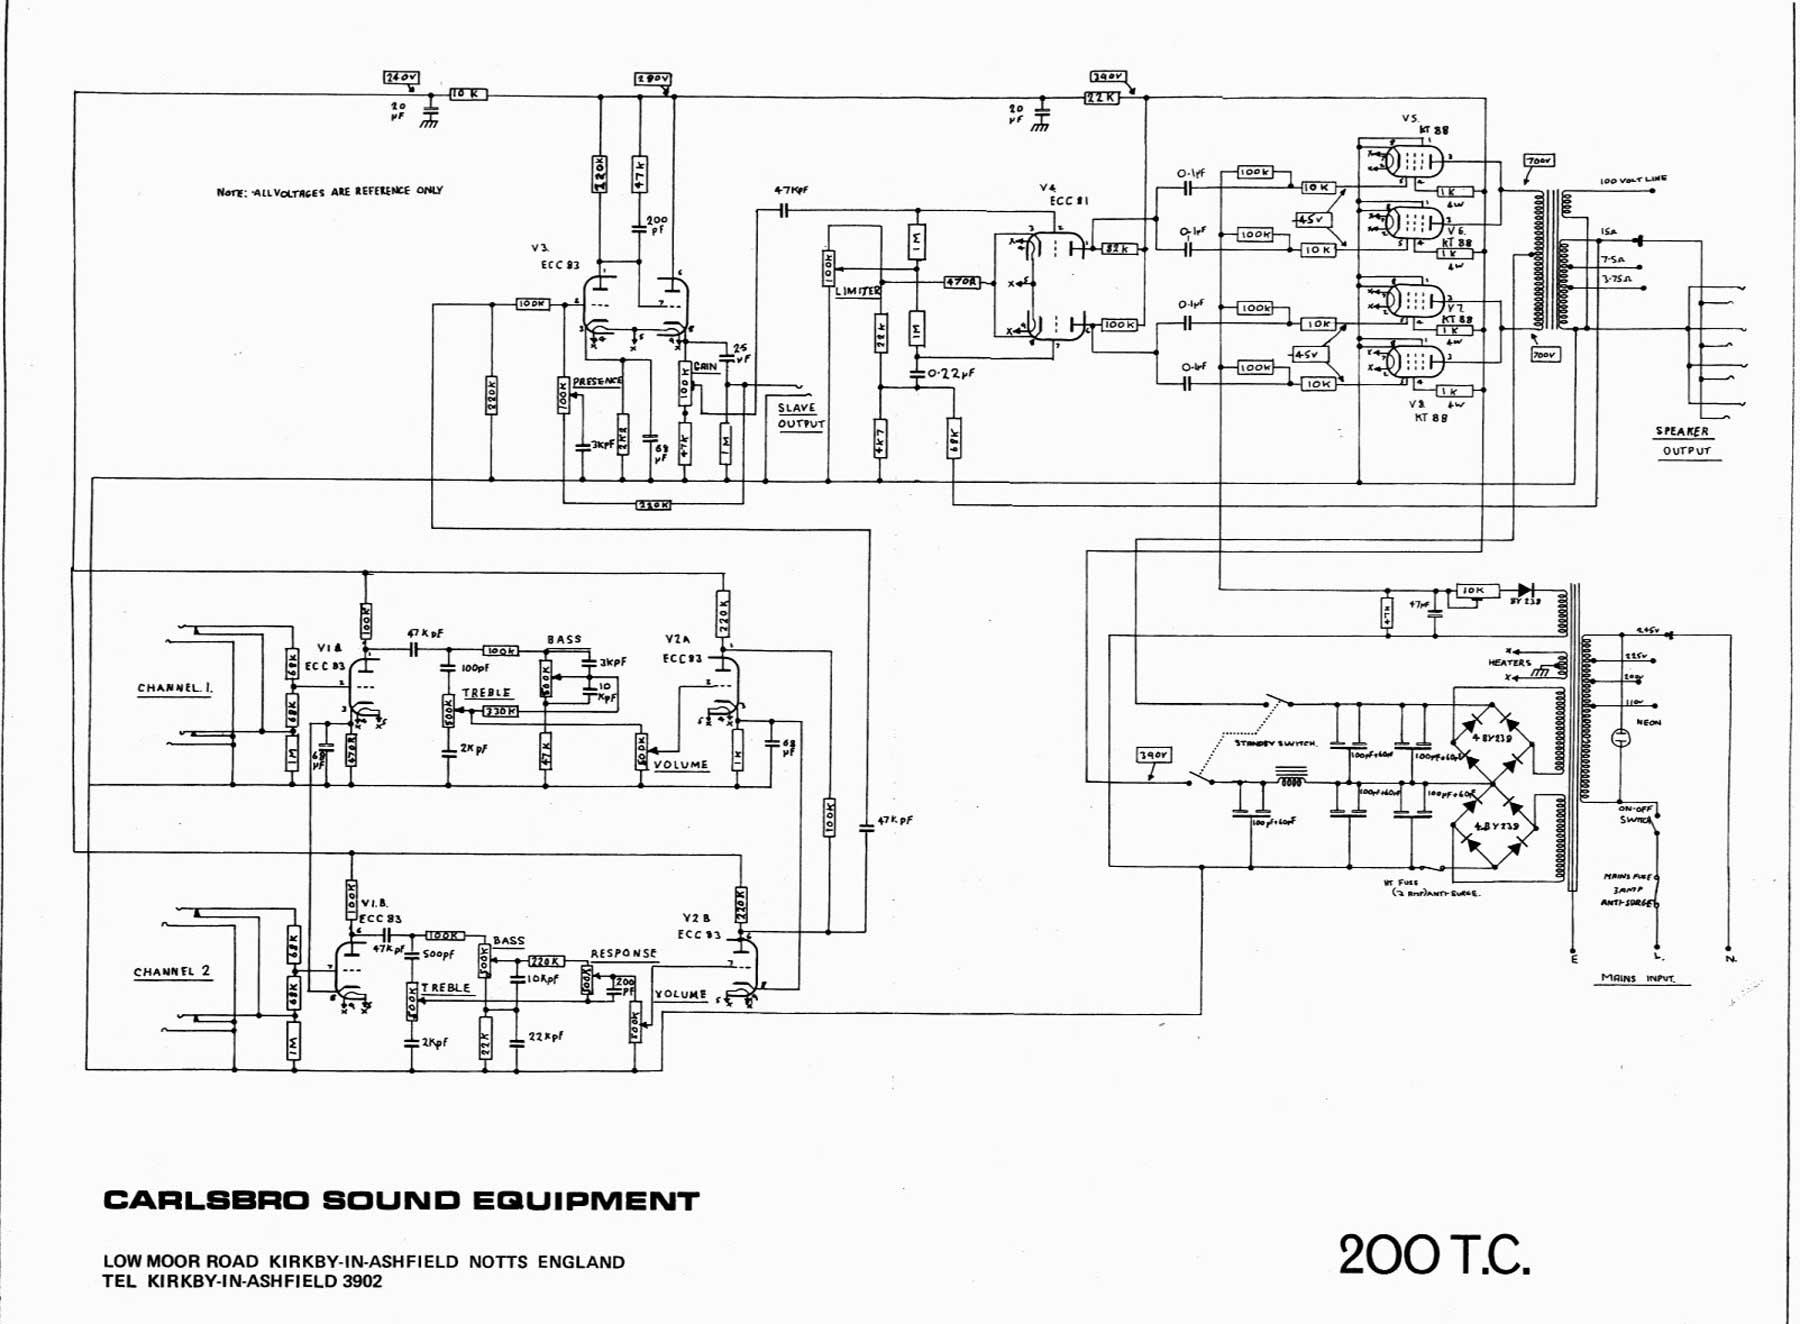 30 Amp Esc Wiring Diagram Carlsbro 200 T C Amp Schematic